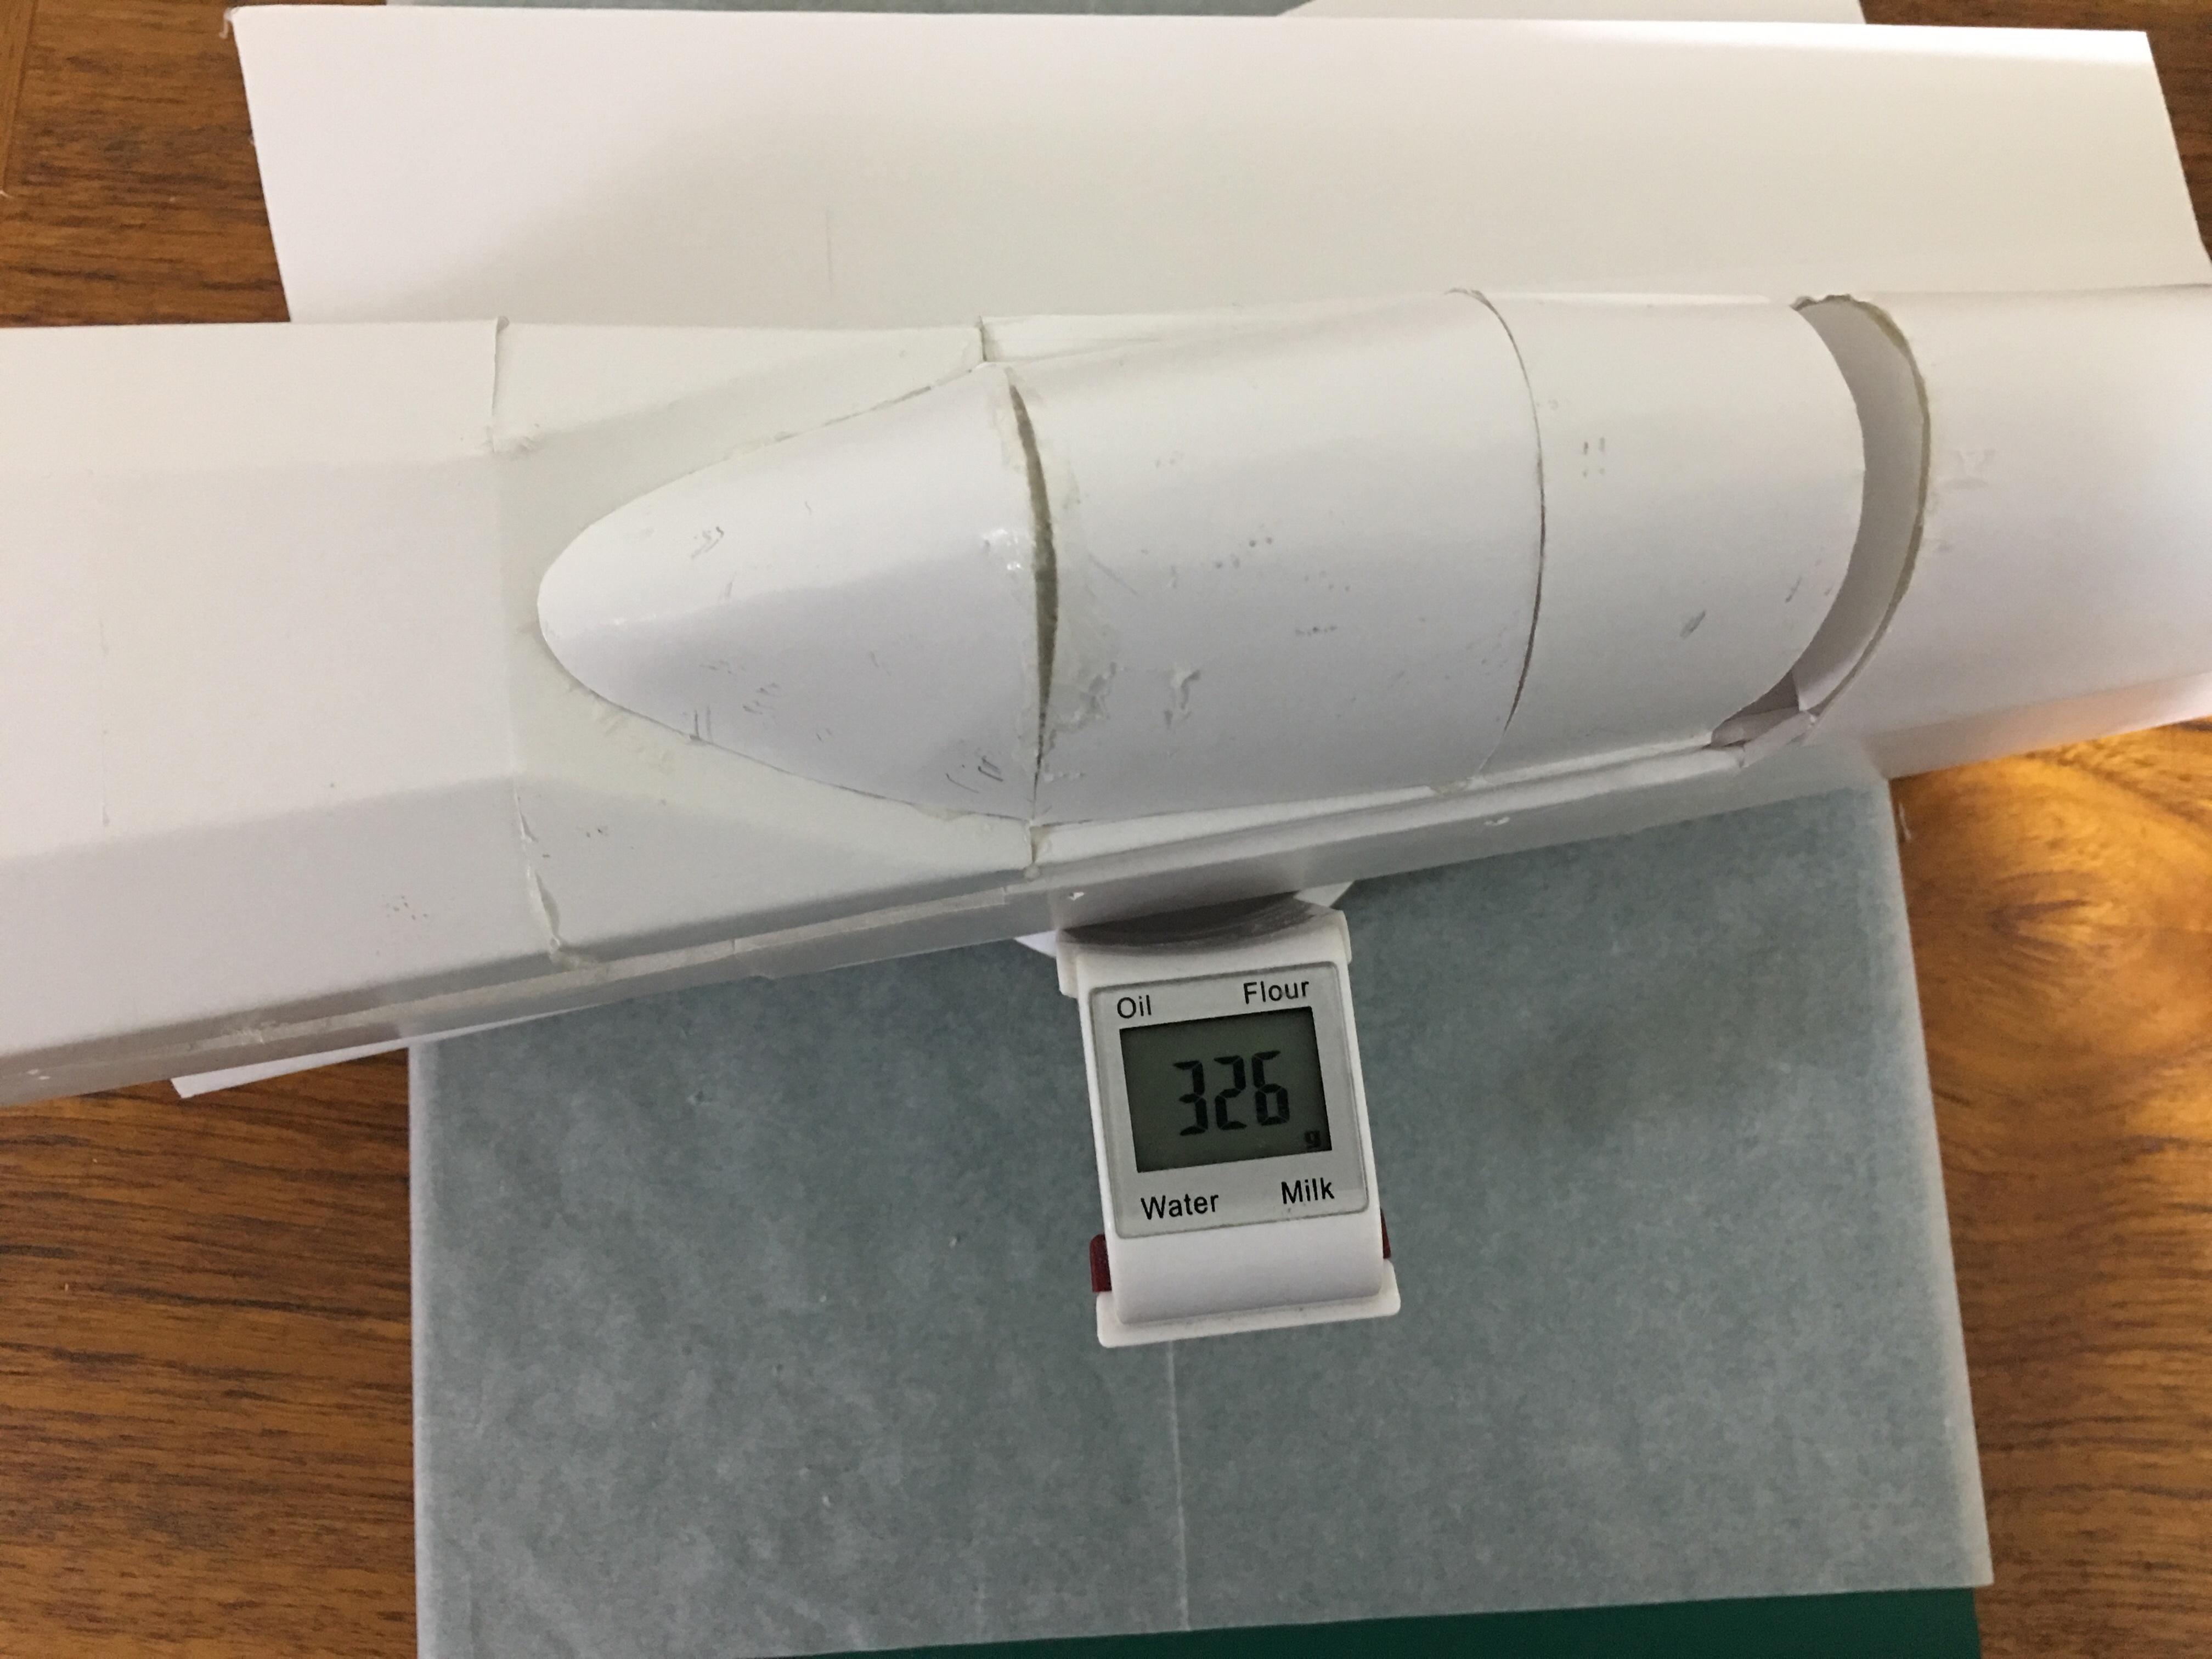 DB918C2D-E074-4051-AA51-CEA90C5683FA.jpeg